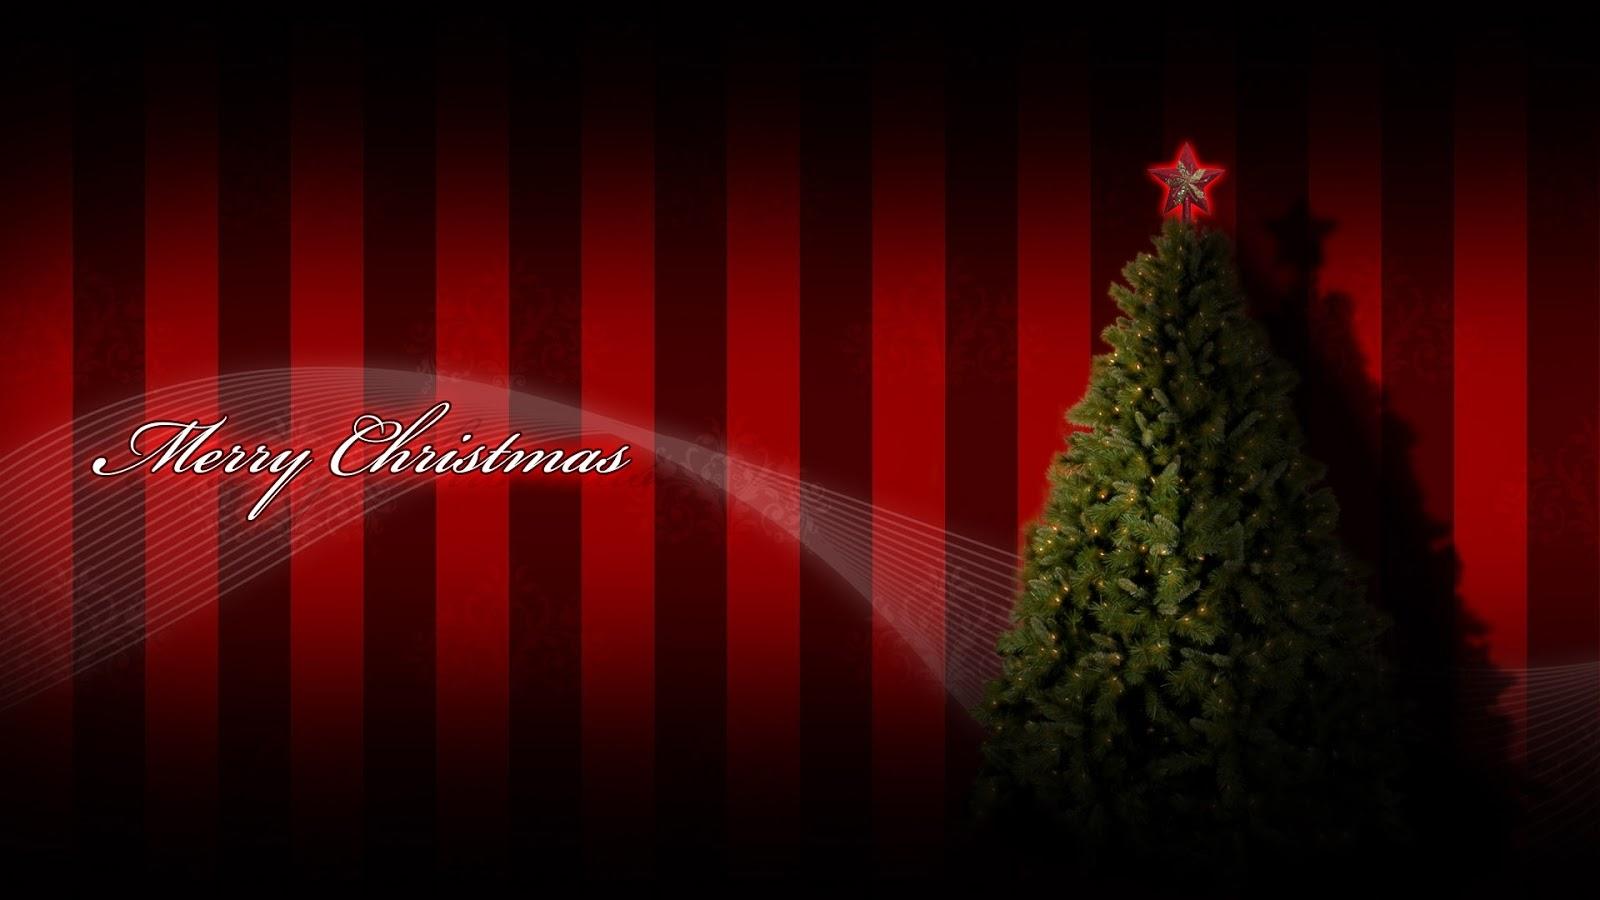 Christmas HD Wallpapers 1080p